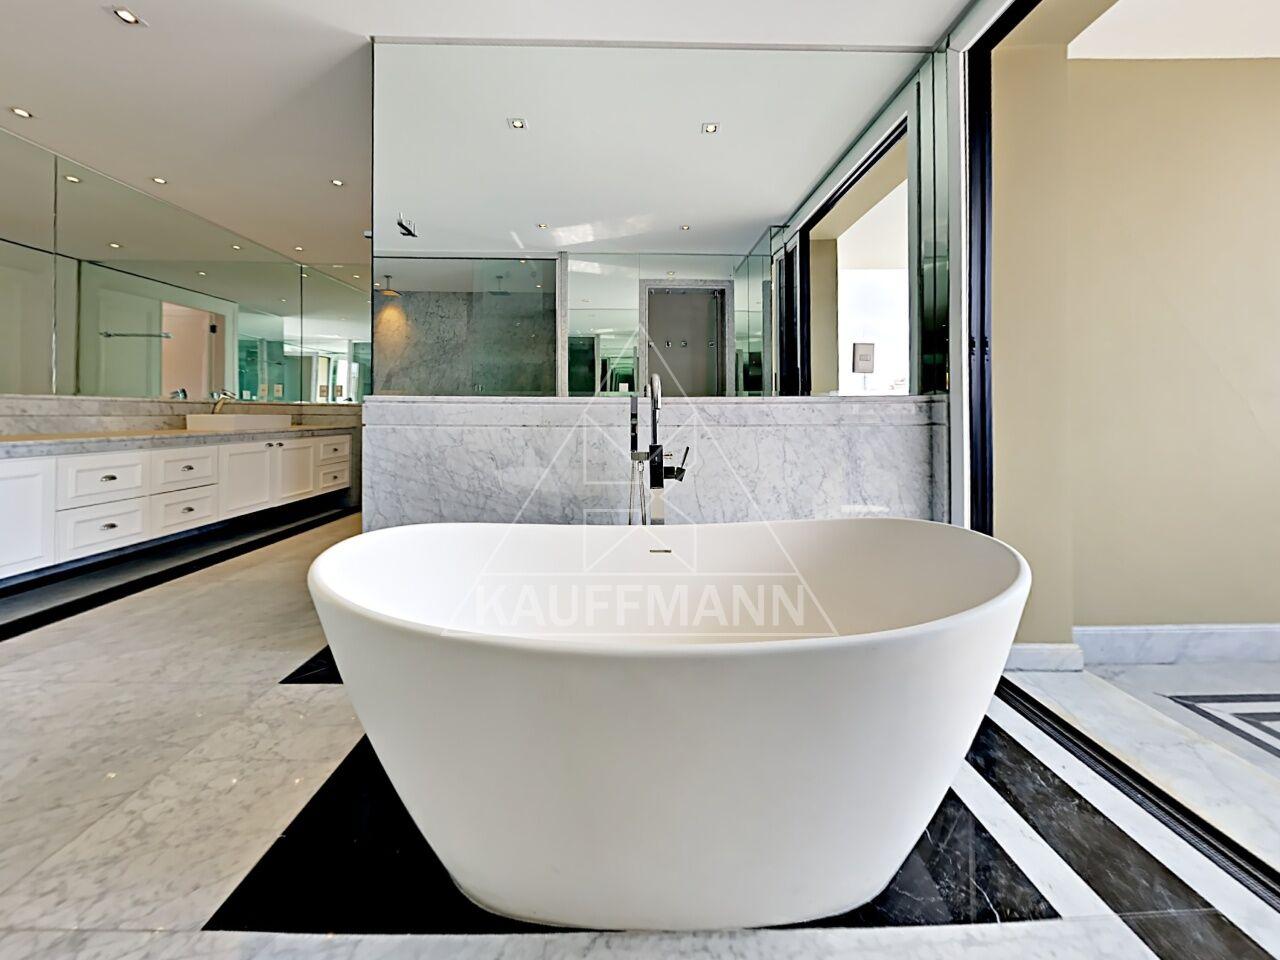 apartamento-venda-sao-paulo-jardim-america-regency-6dormitorios-6suites-7vagas-1099m2-Foto24